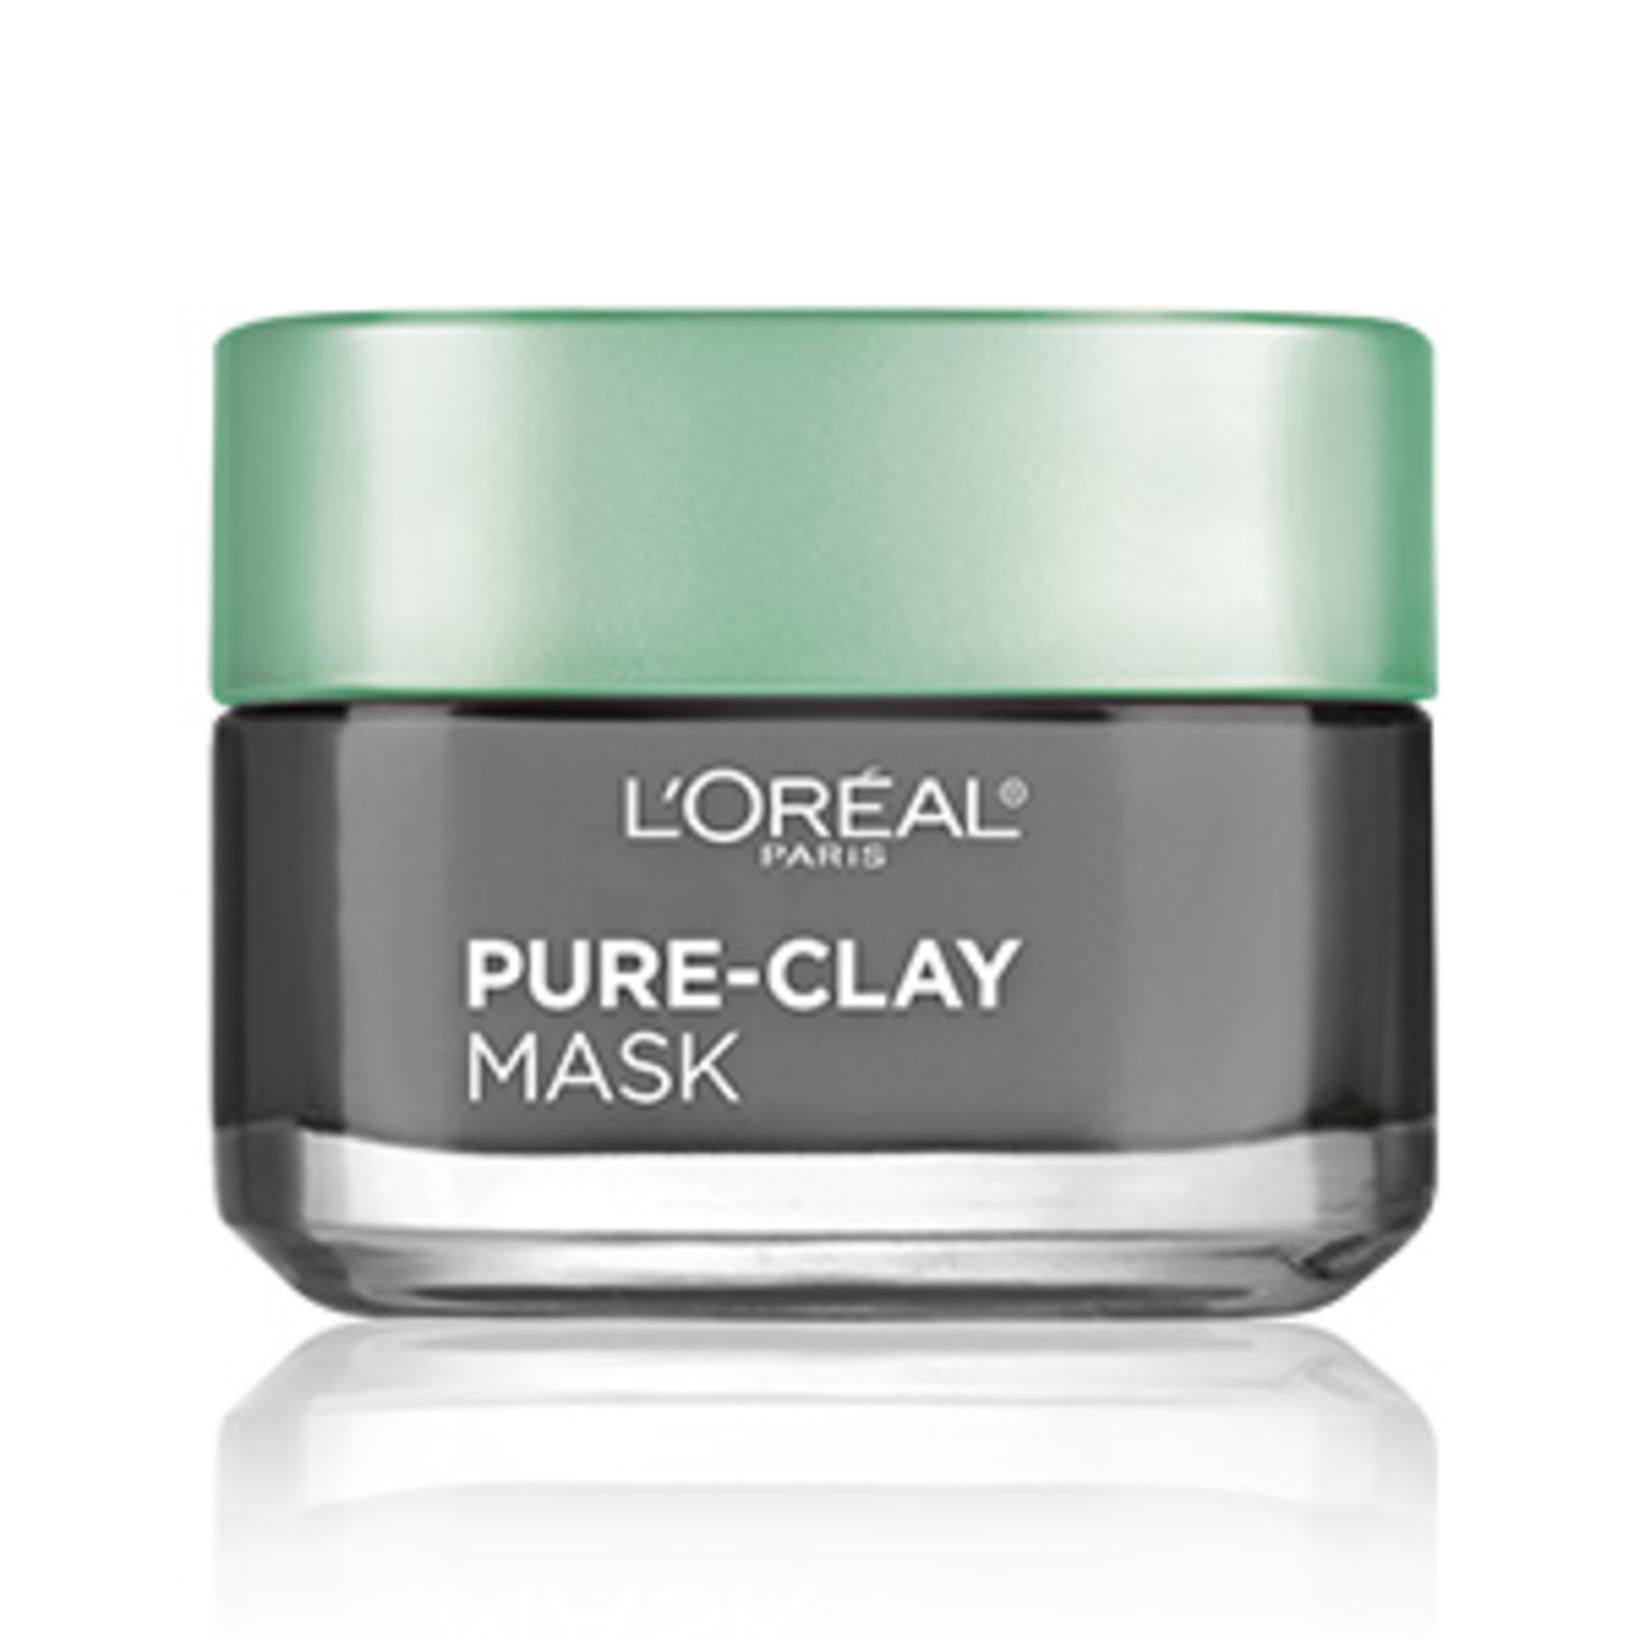 Maskinn Pure-Clay frá L'Oréal kemur að góðum notum.